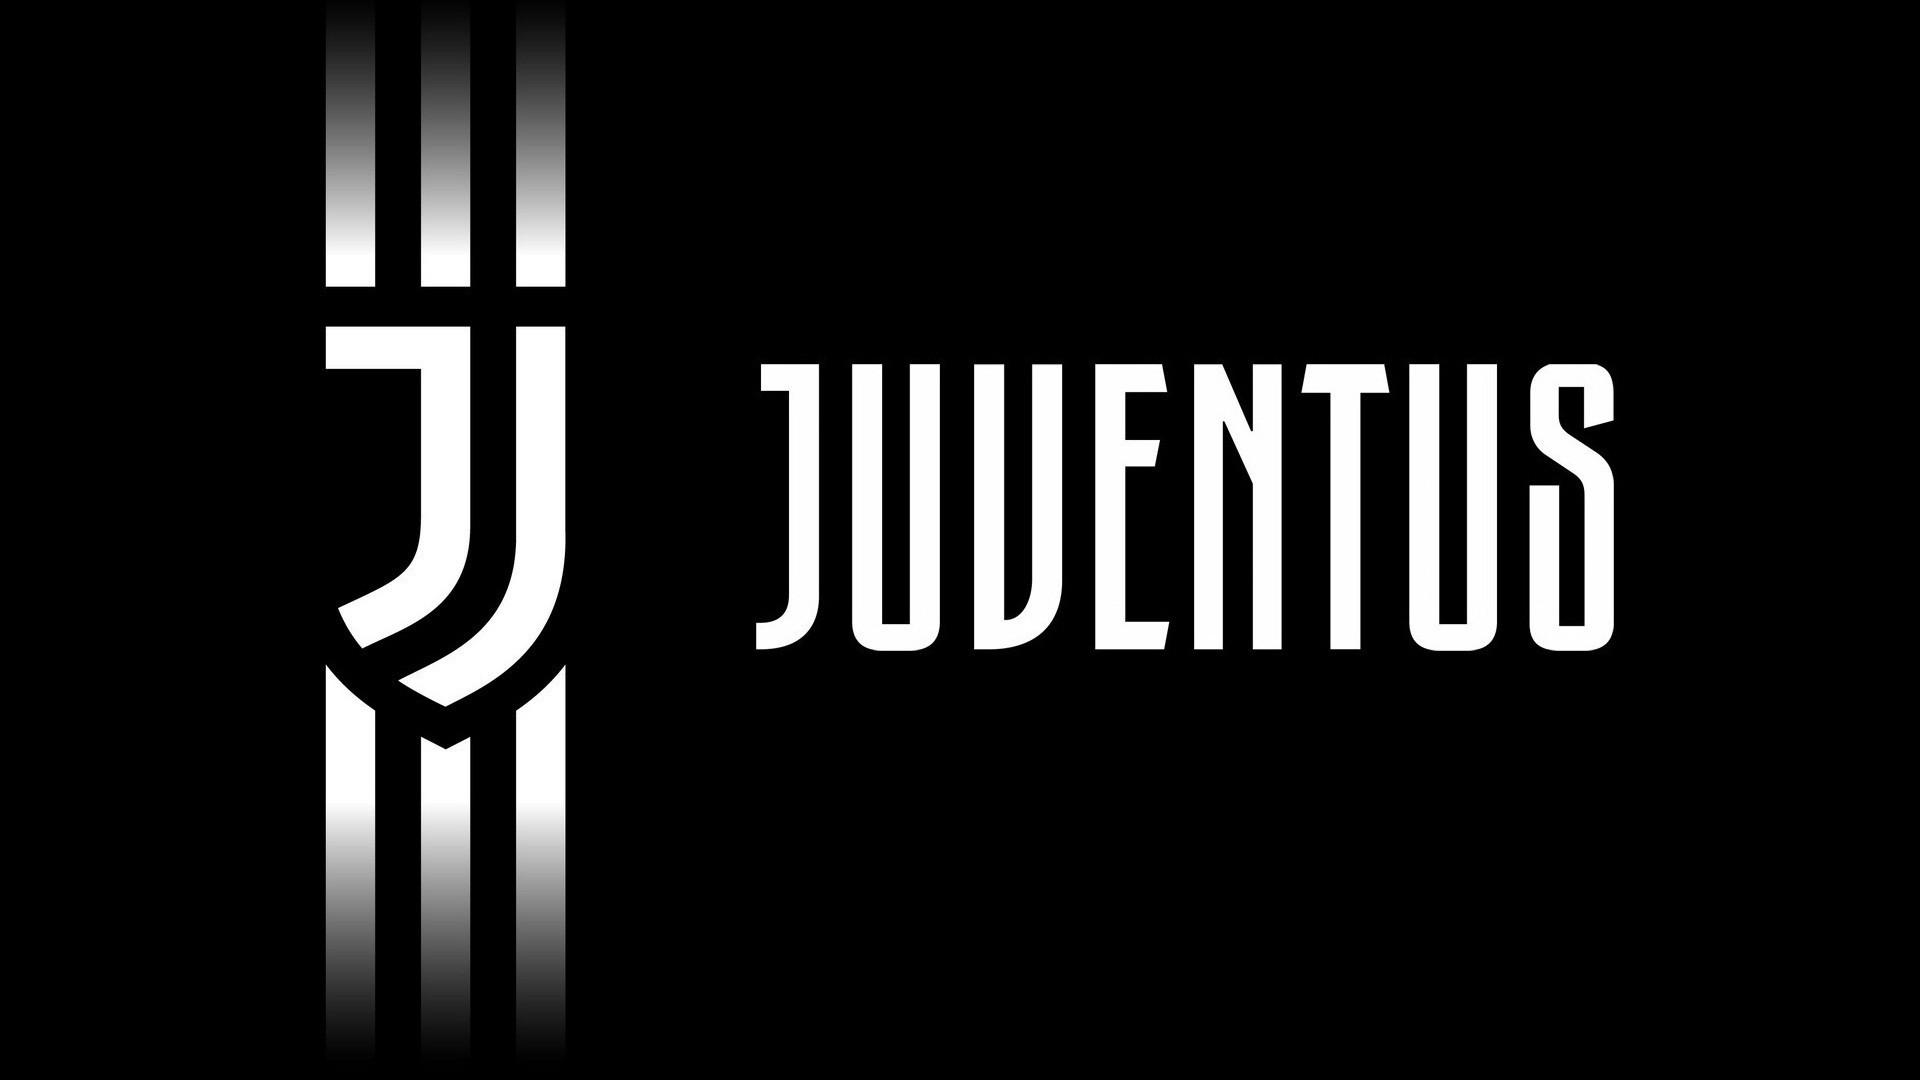 Juventus hd wallpaper download